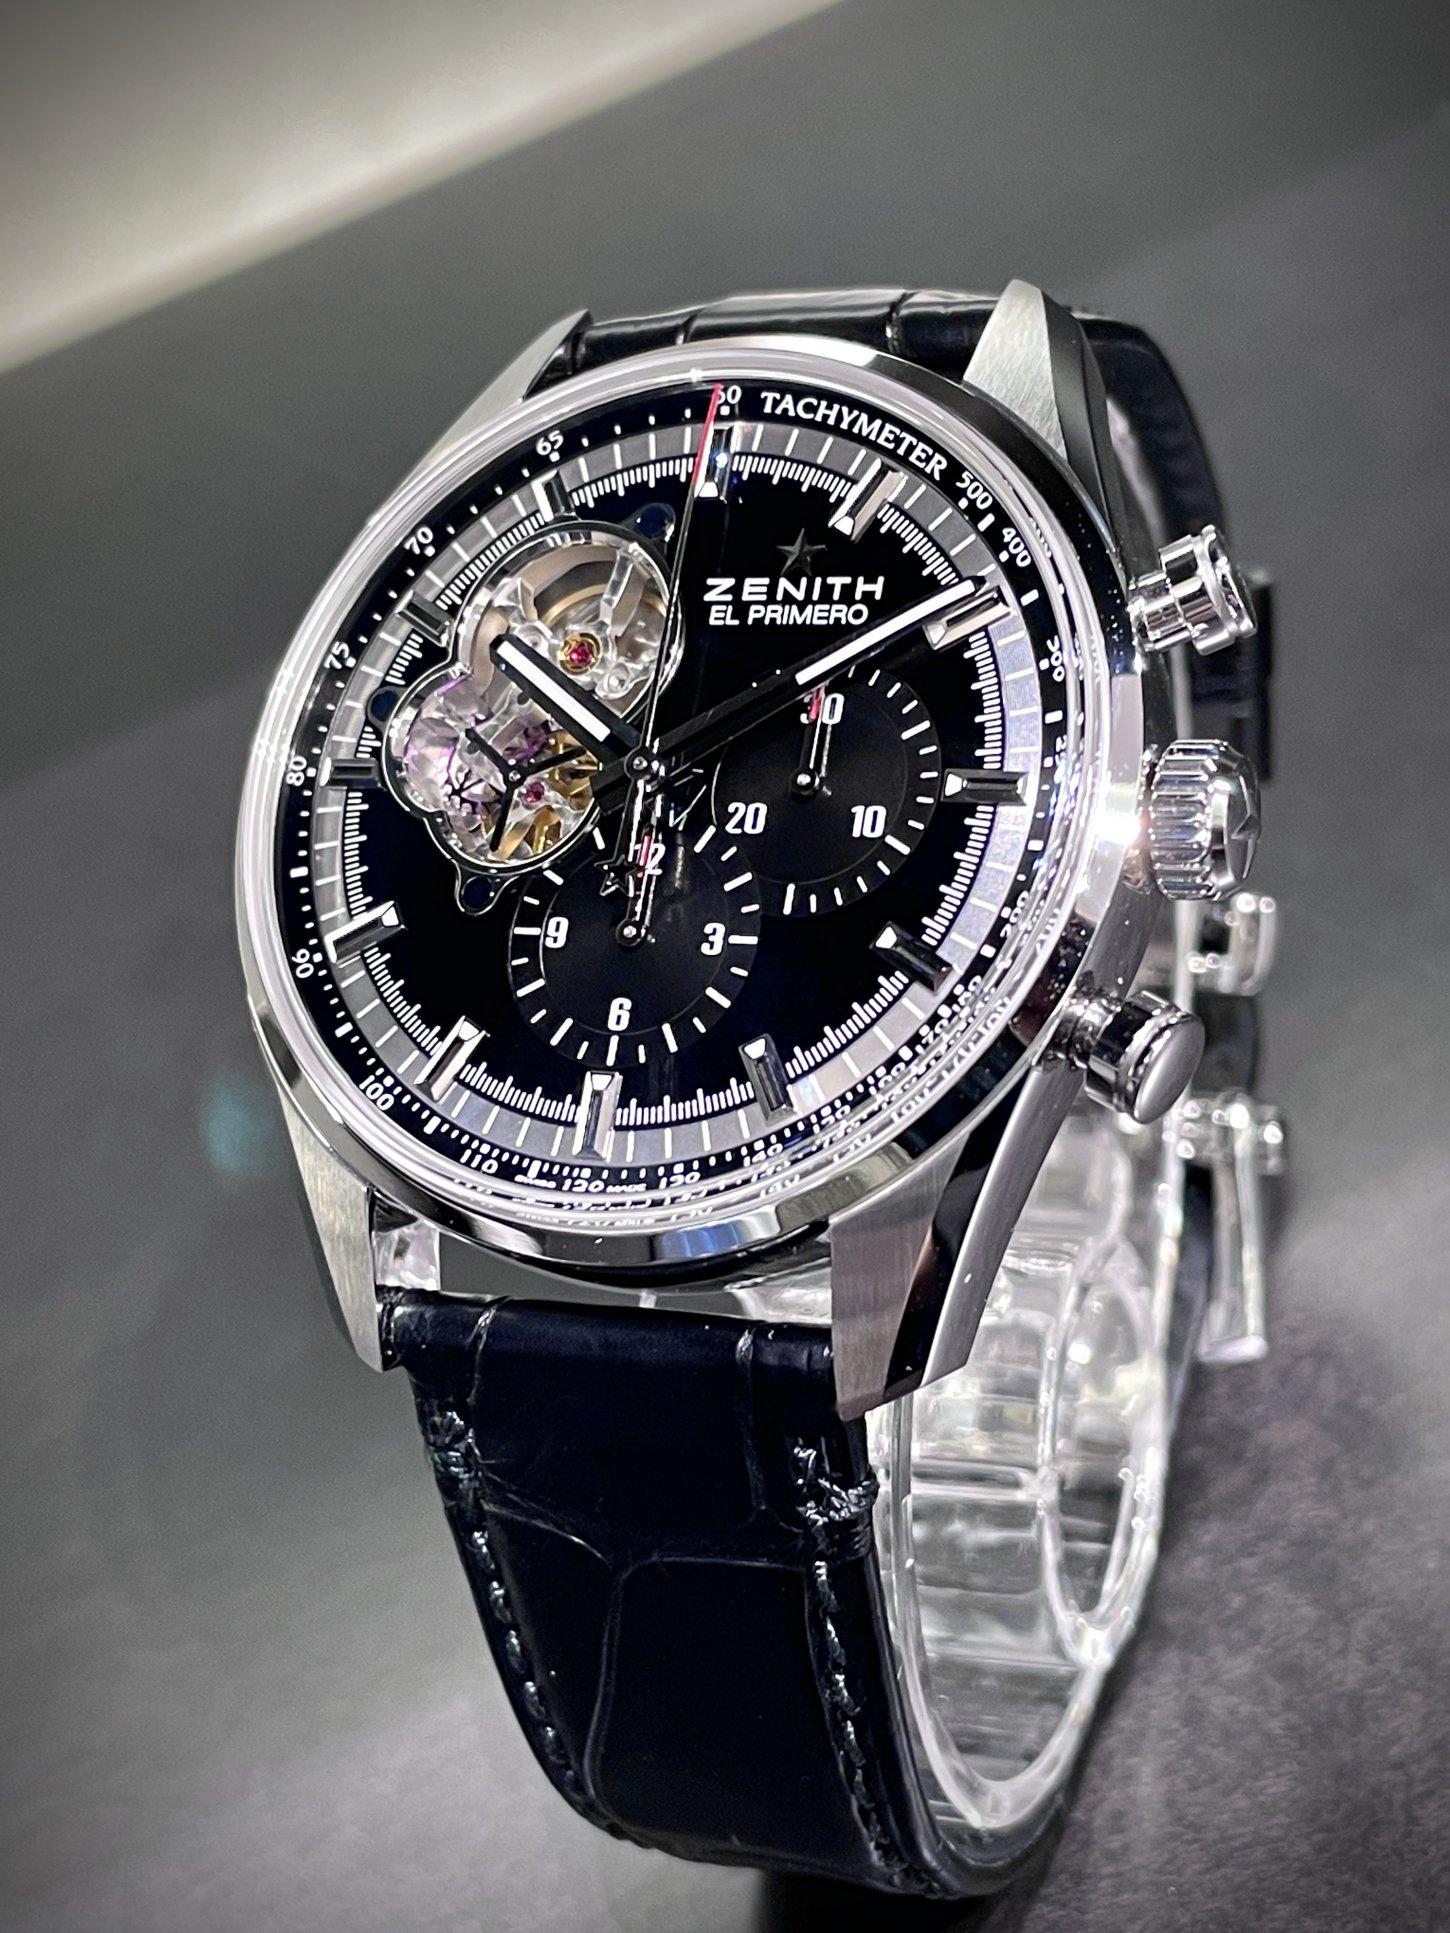 エル・プリメロが映えるブラックダイヤルで華やかに!『クロノマスター エル・プリメロ オープン』 - CHRONOMASTER |417118EE-E310-4D79-B71D-CB5DDF156ED4